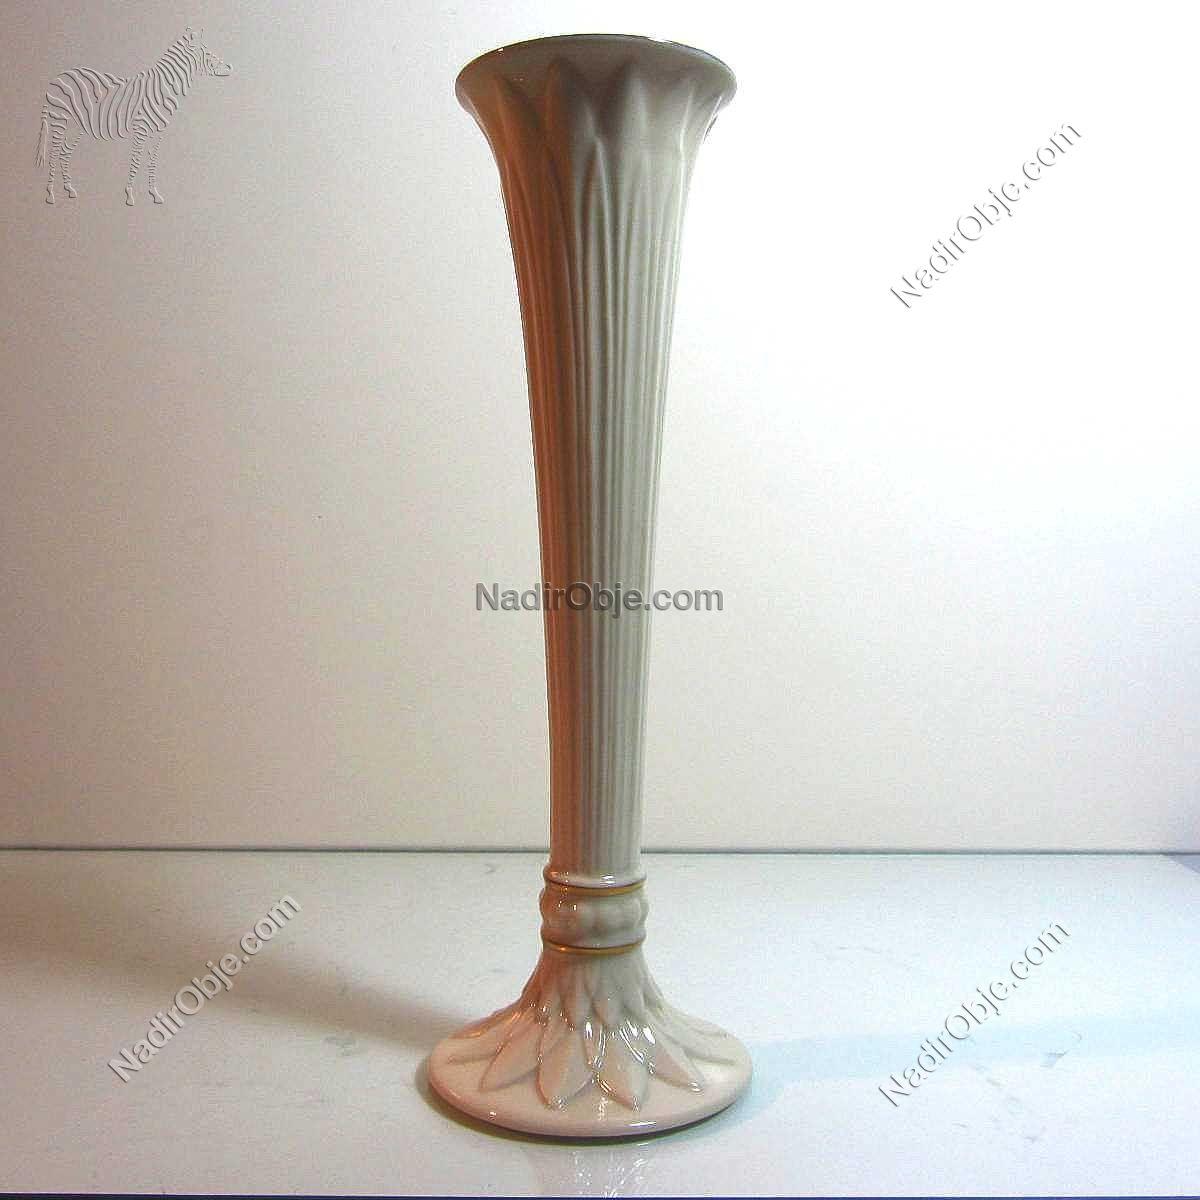 Lenox Porselen Karanfillik Seramik-Porselen Objeler Amerikan